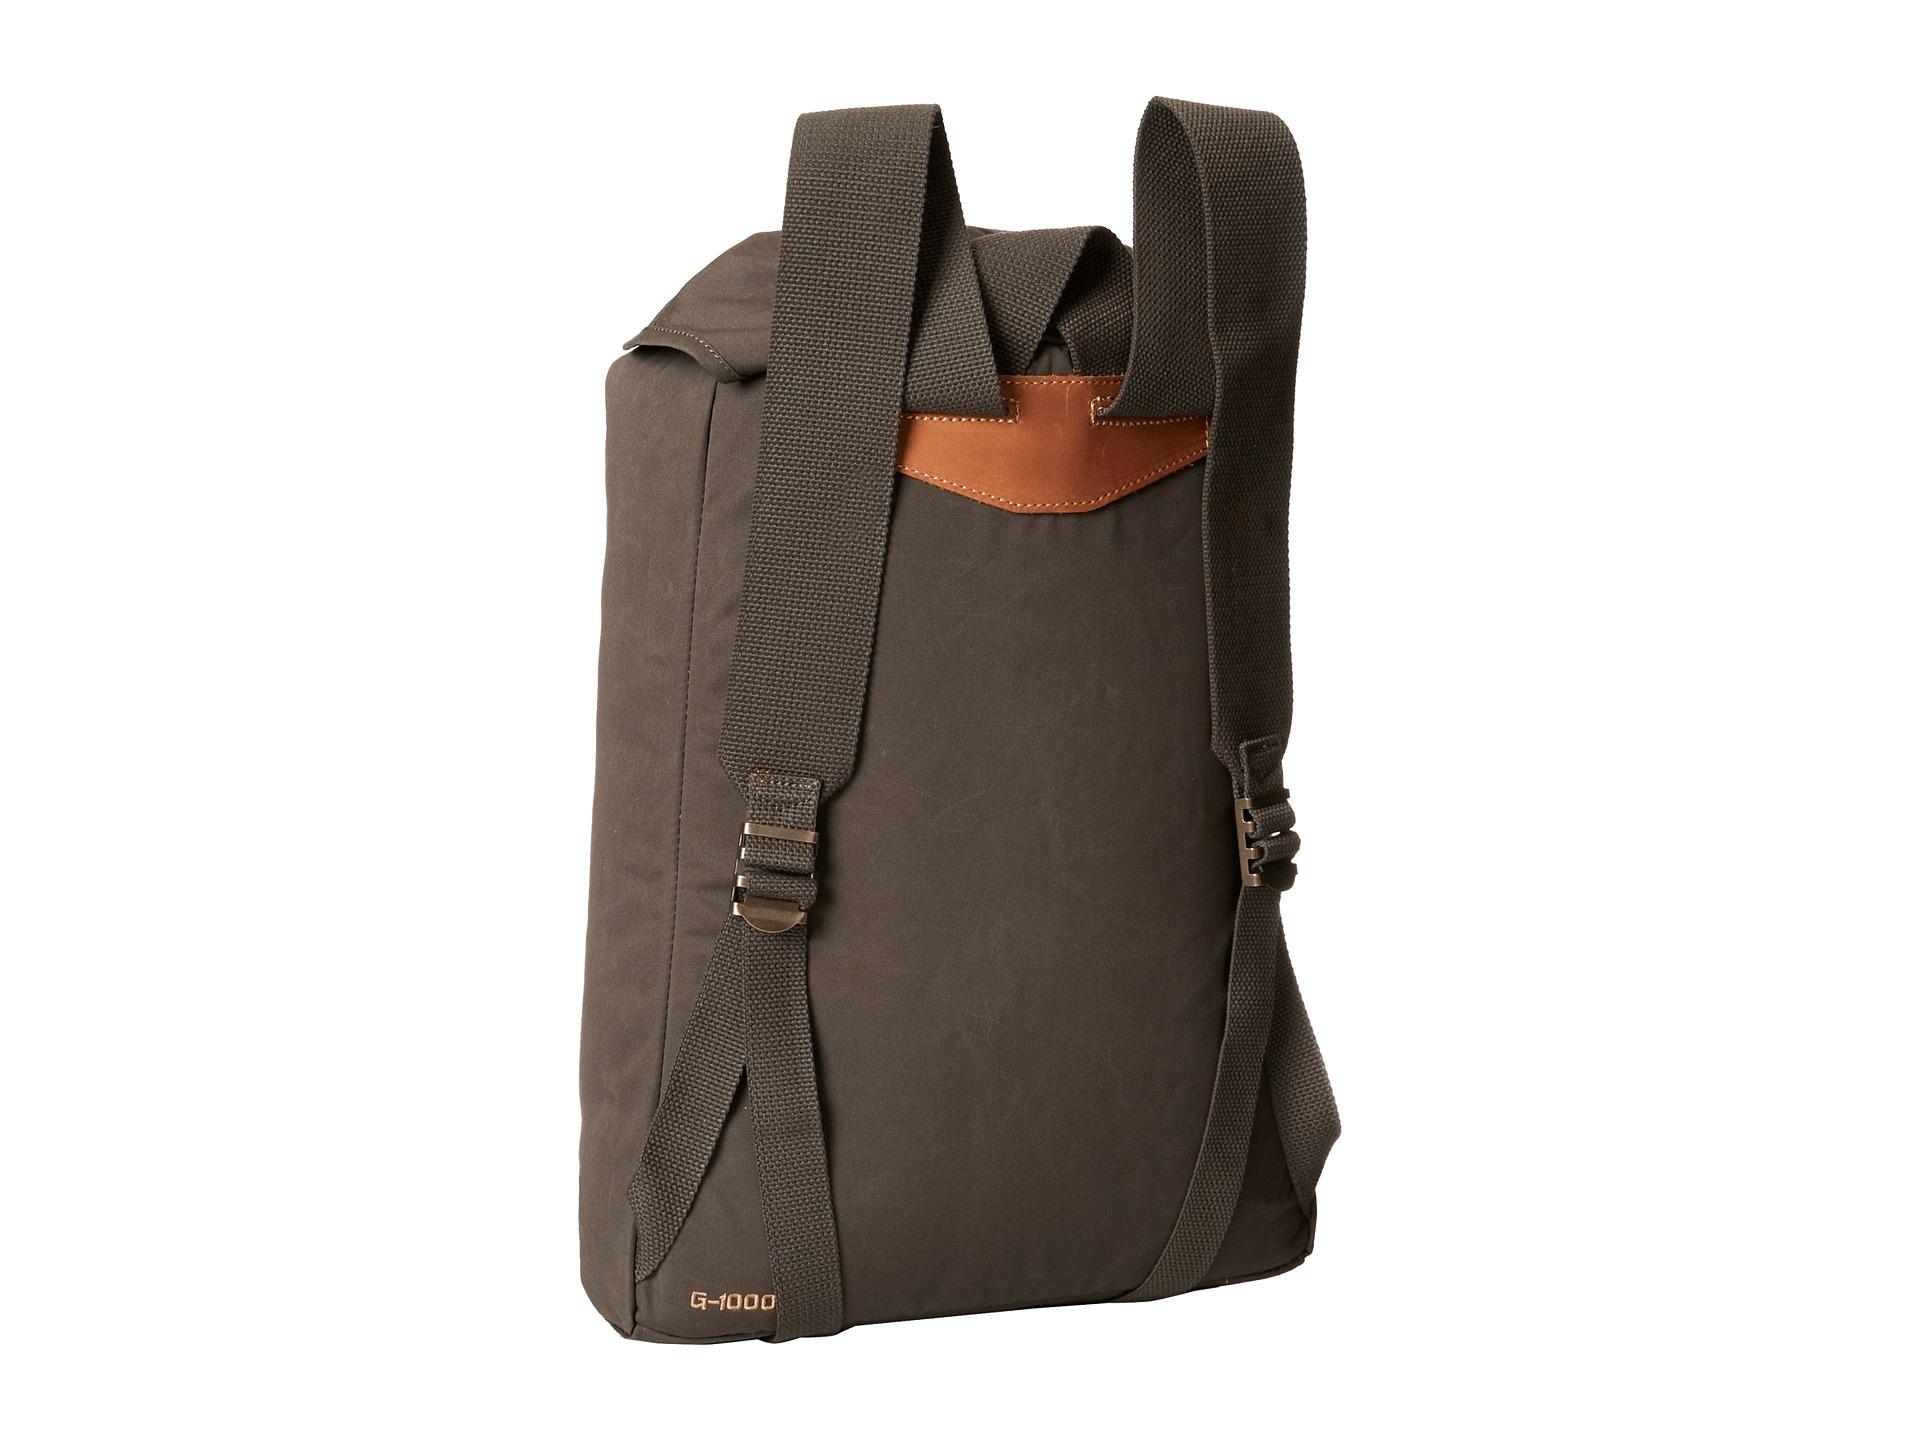 zappos backpacks keens sandals. Black Bedroom Furniture Sets. Home Design Ideas